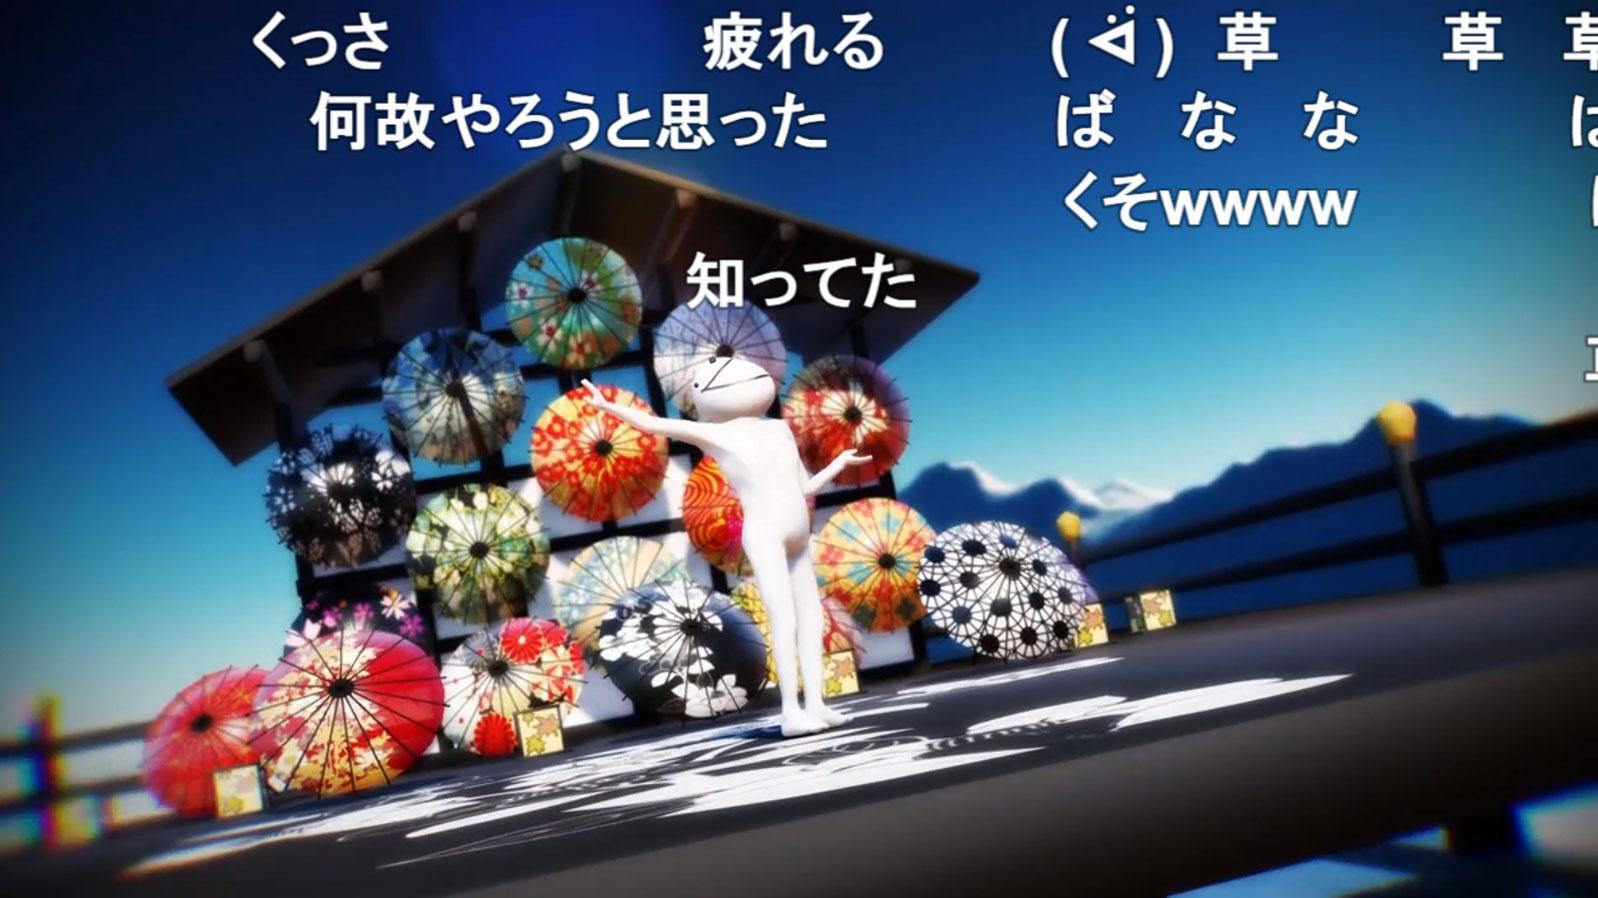 【画像】 日本のスタイルが酷すぎると話題に : 無限 …